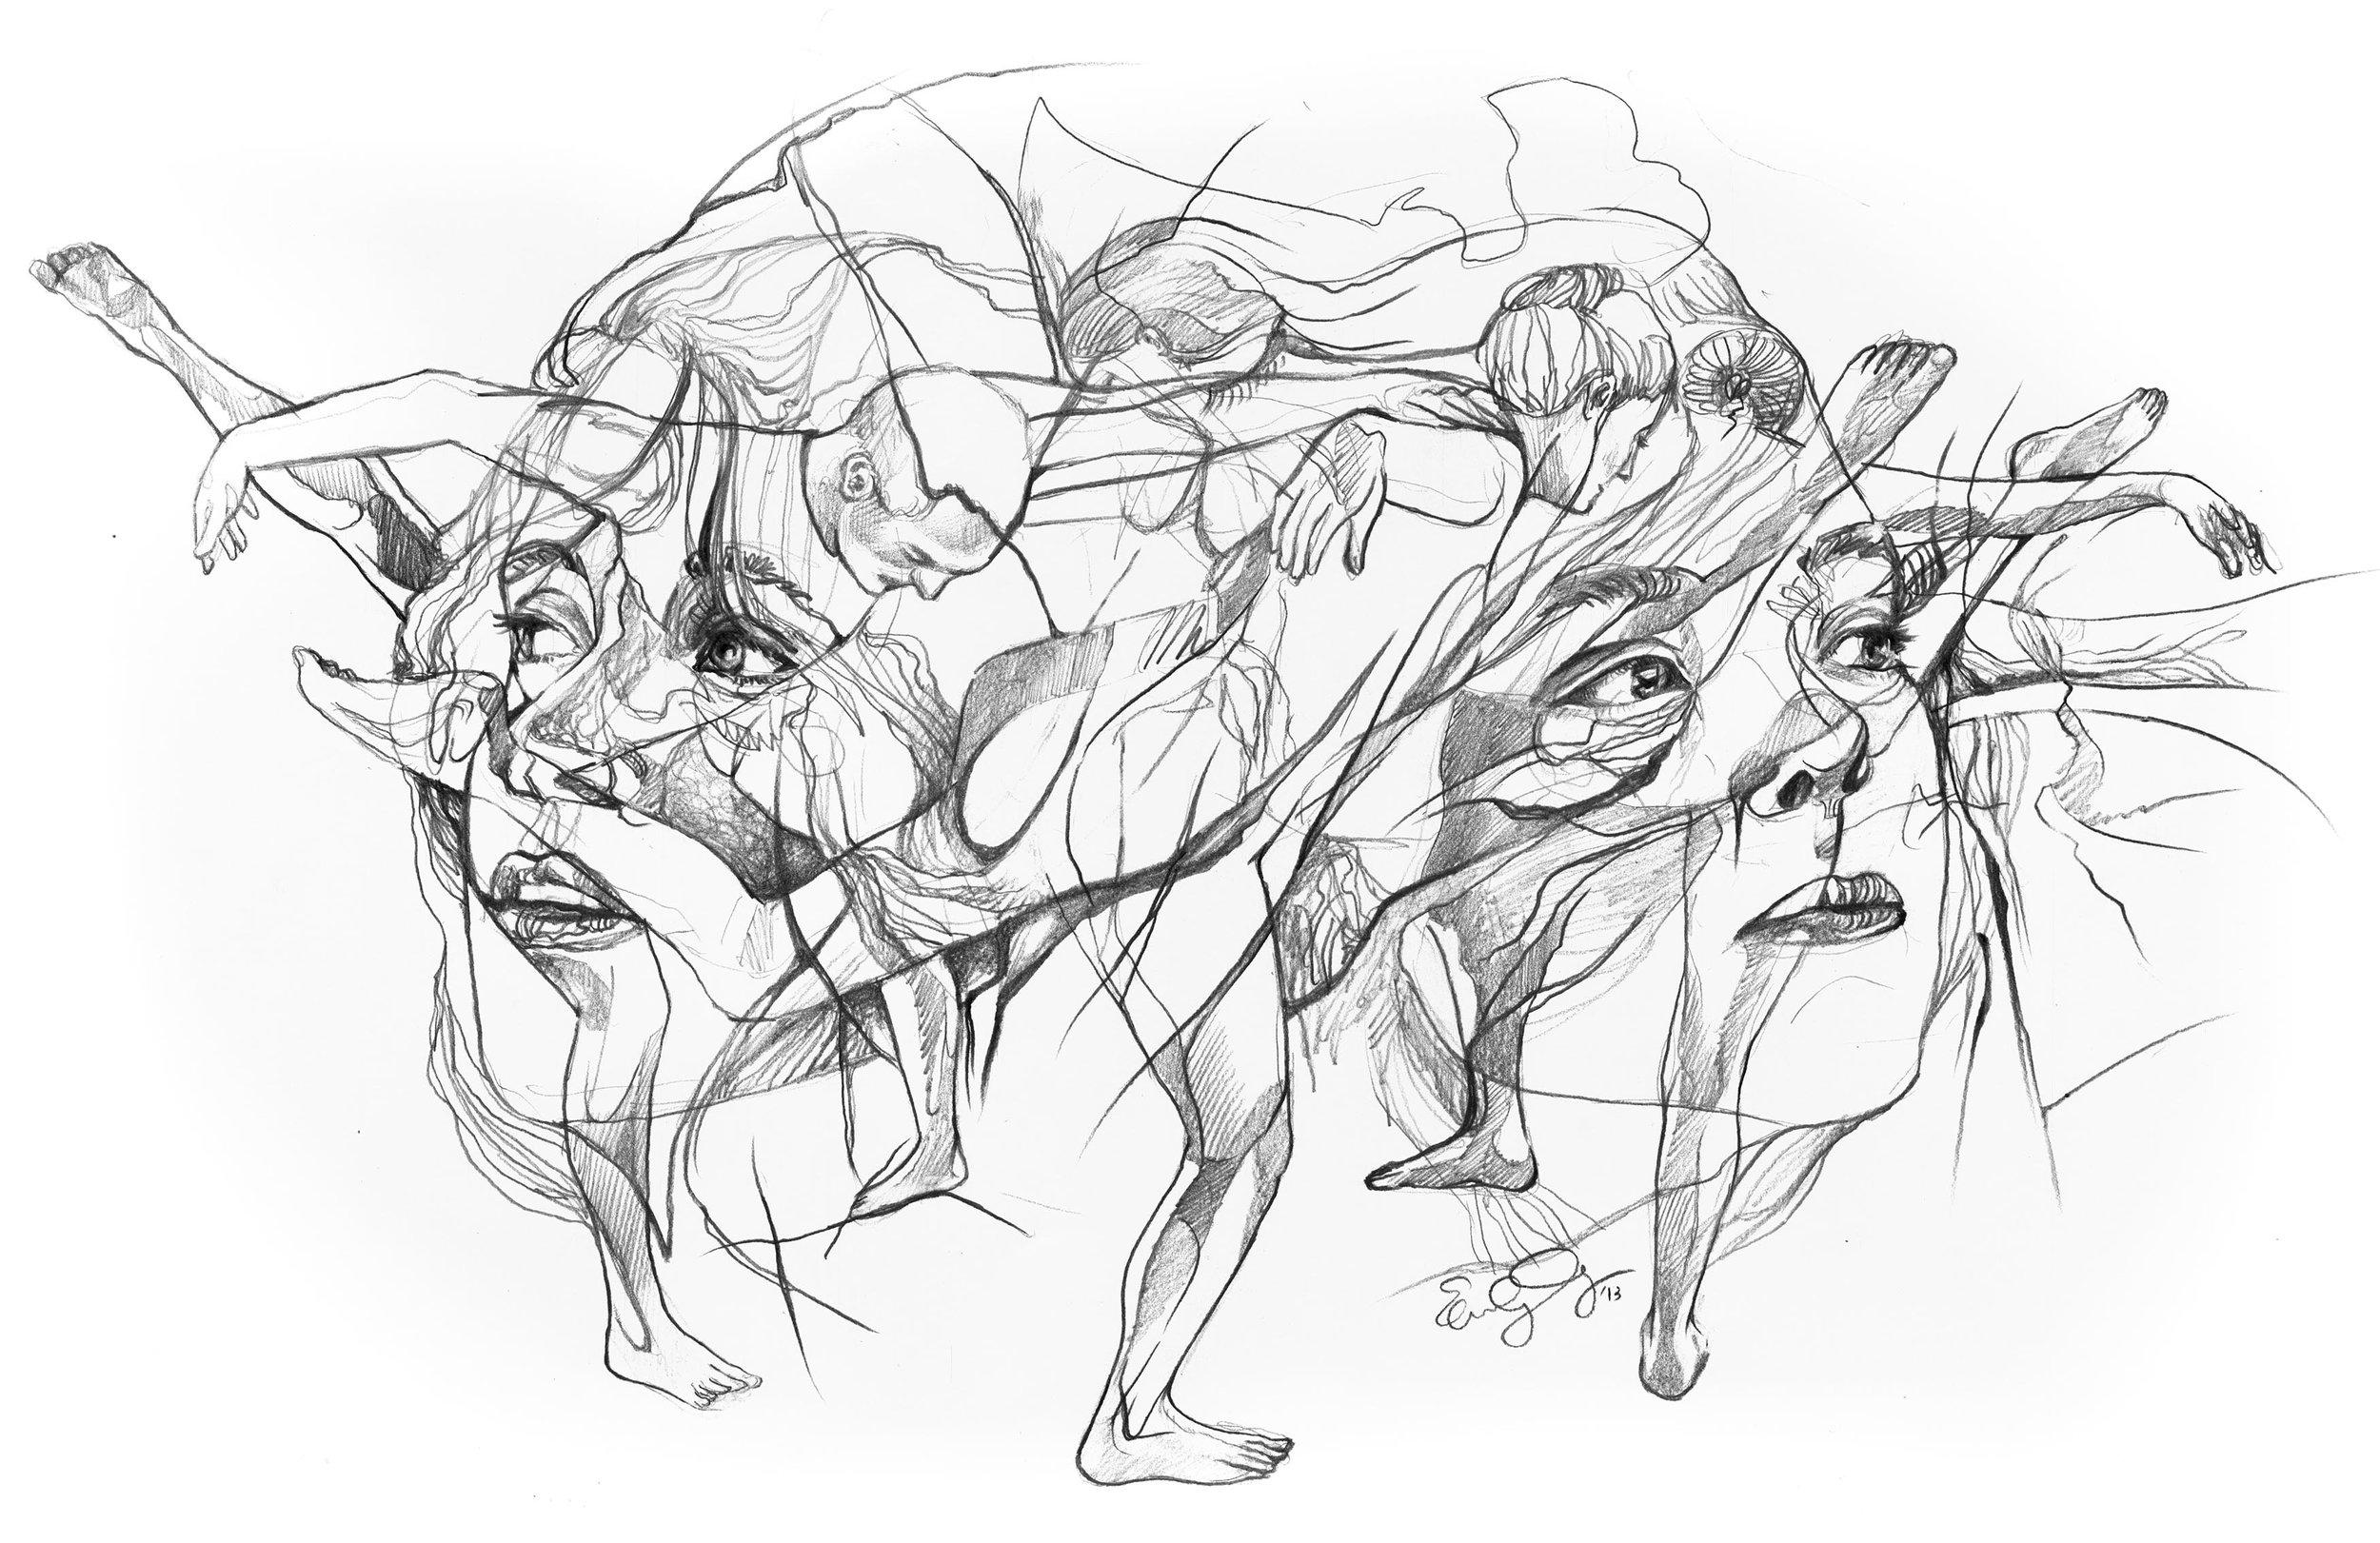 art-scan-04-6-imageoptim.jpg